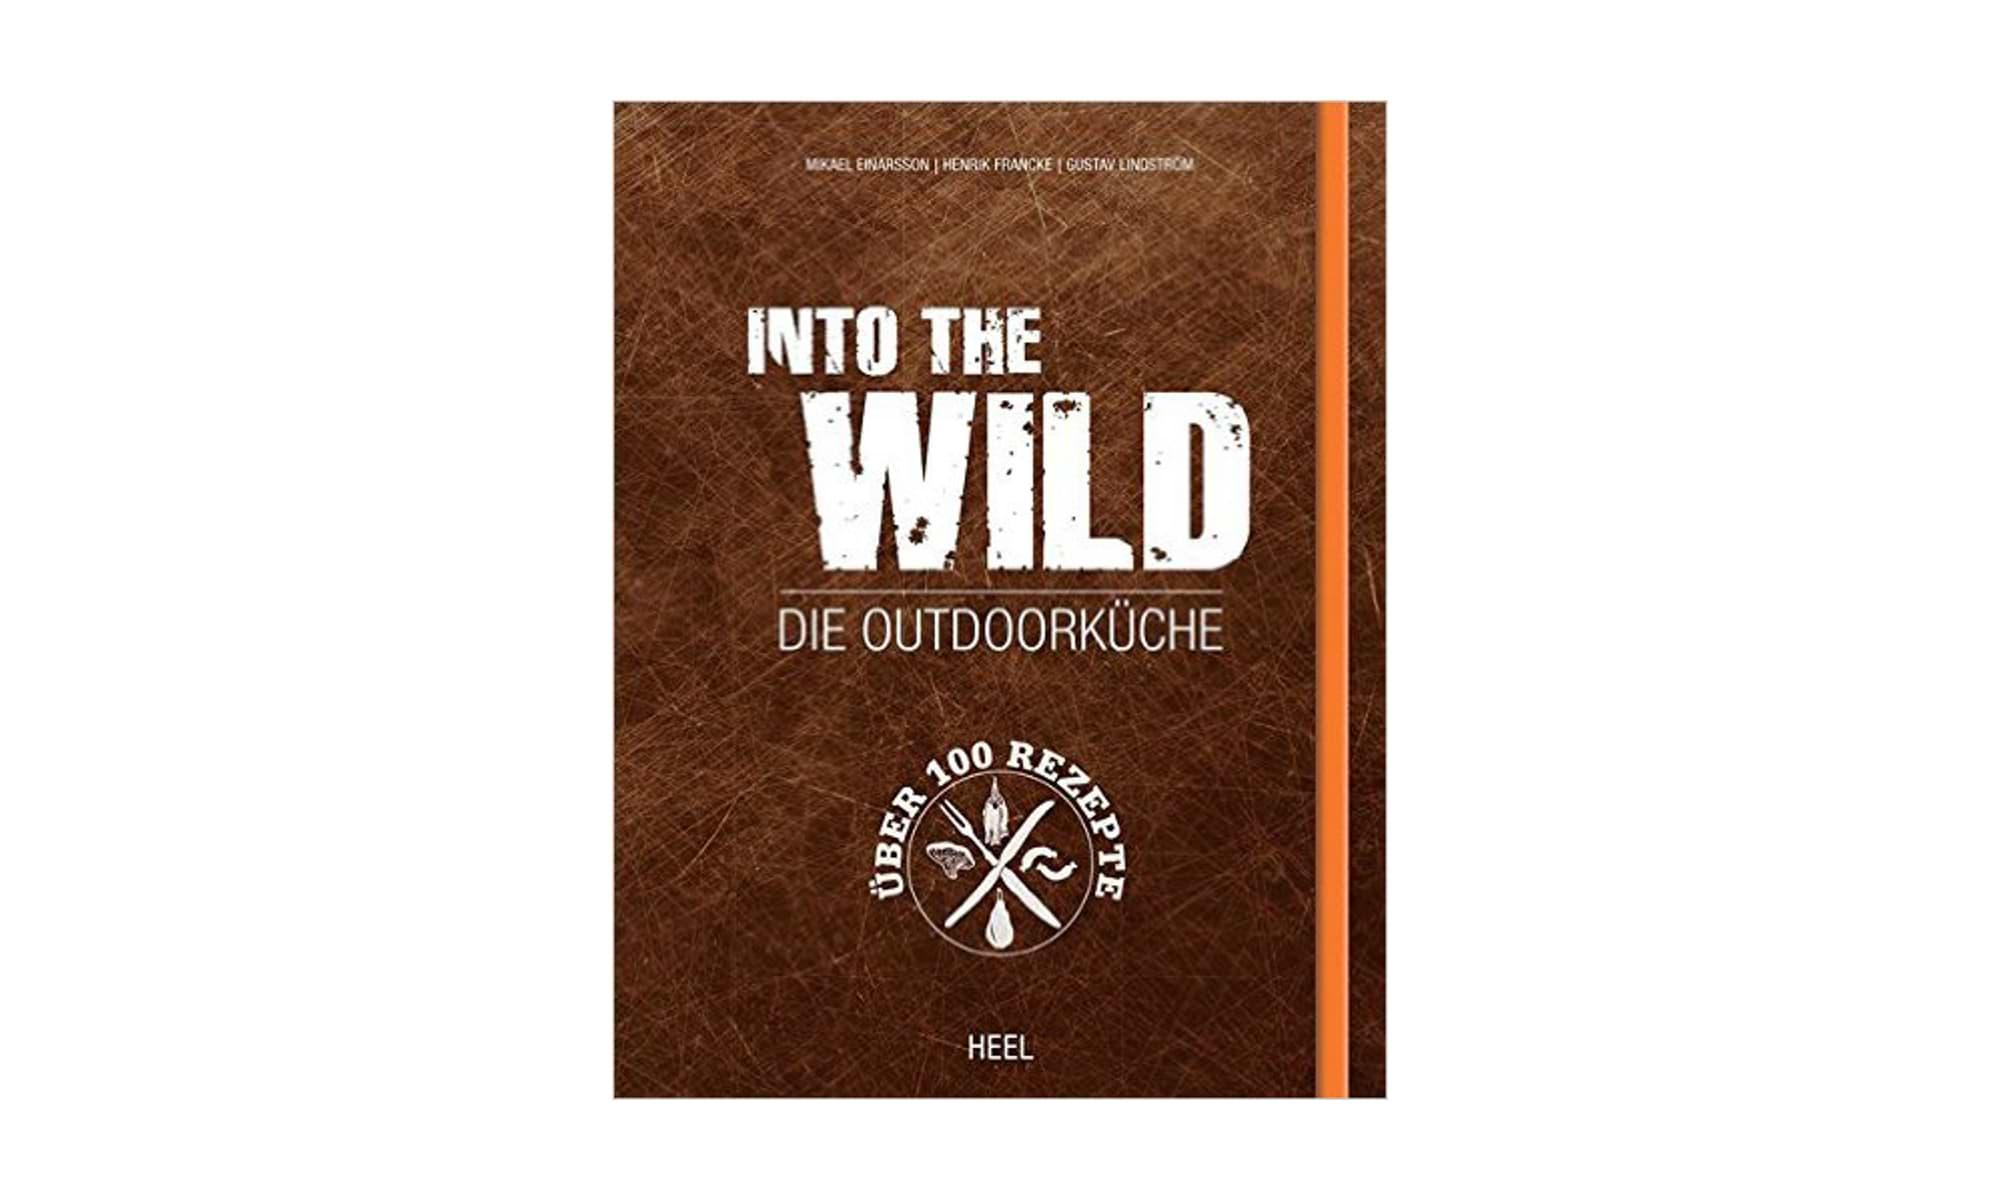 Outdoor Küche Kochbuch : Outdoor küche kochbuch kulinarische spezialitäten das sind